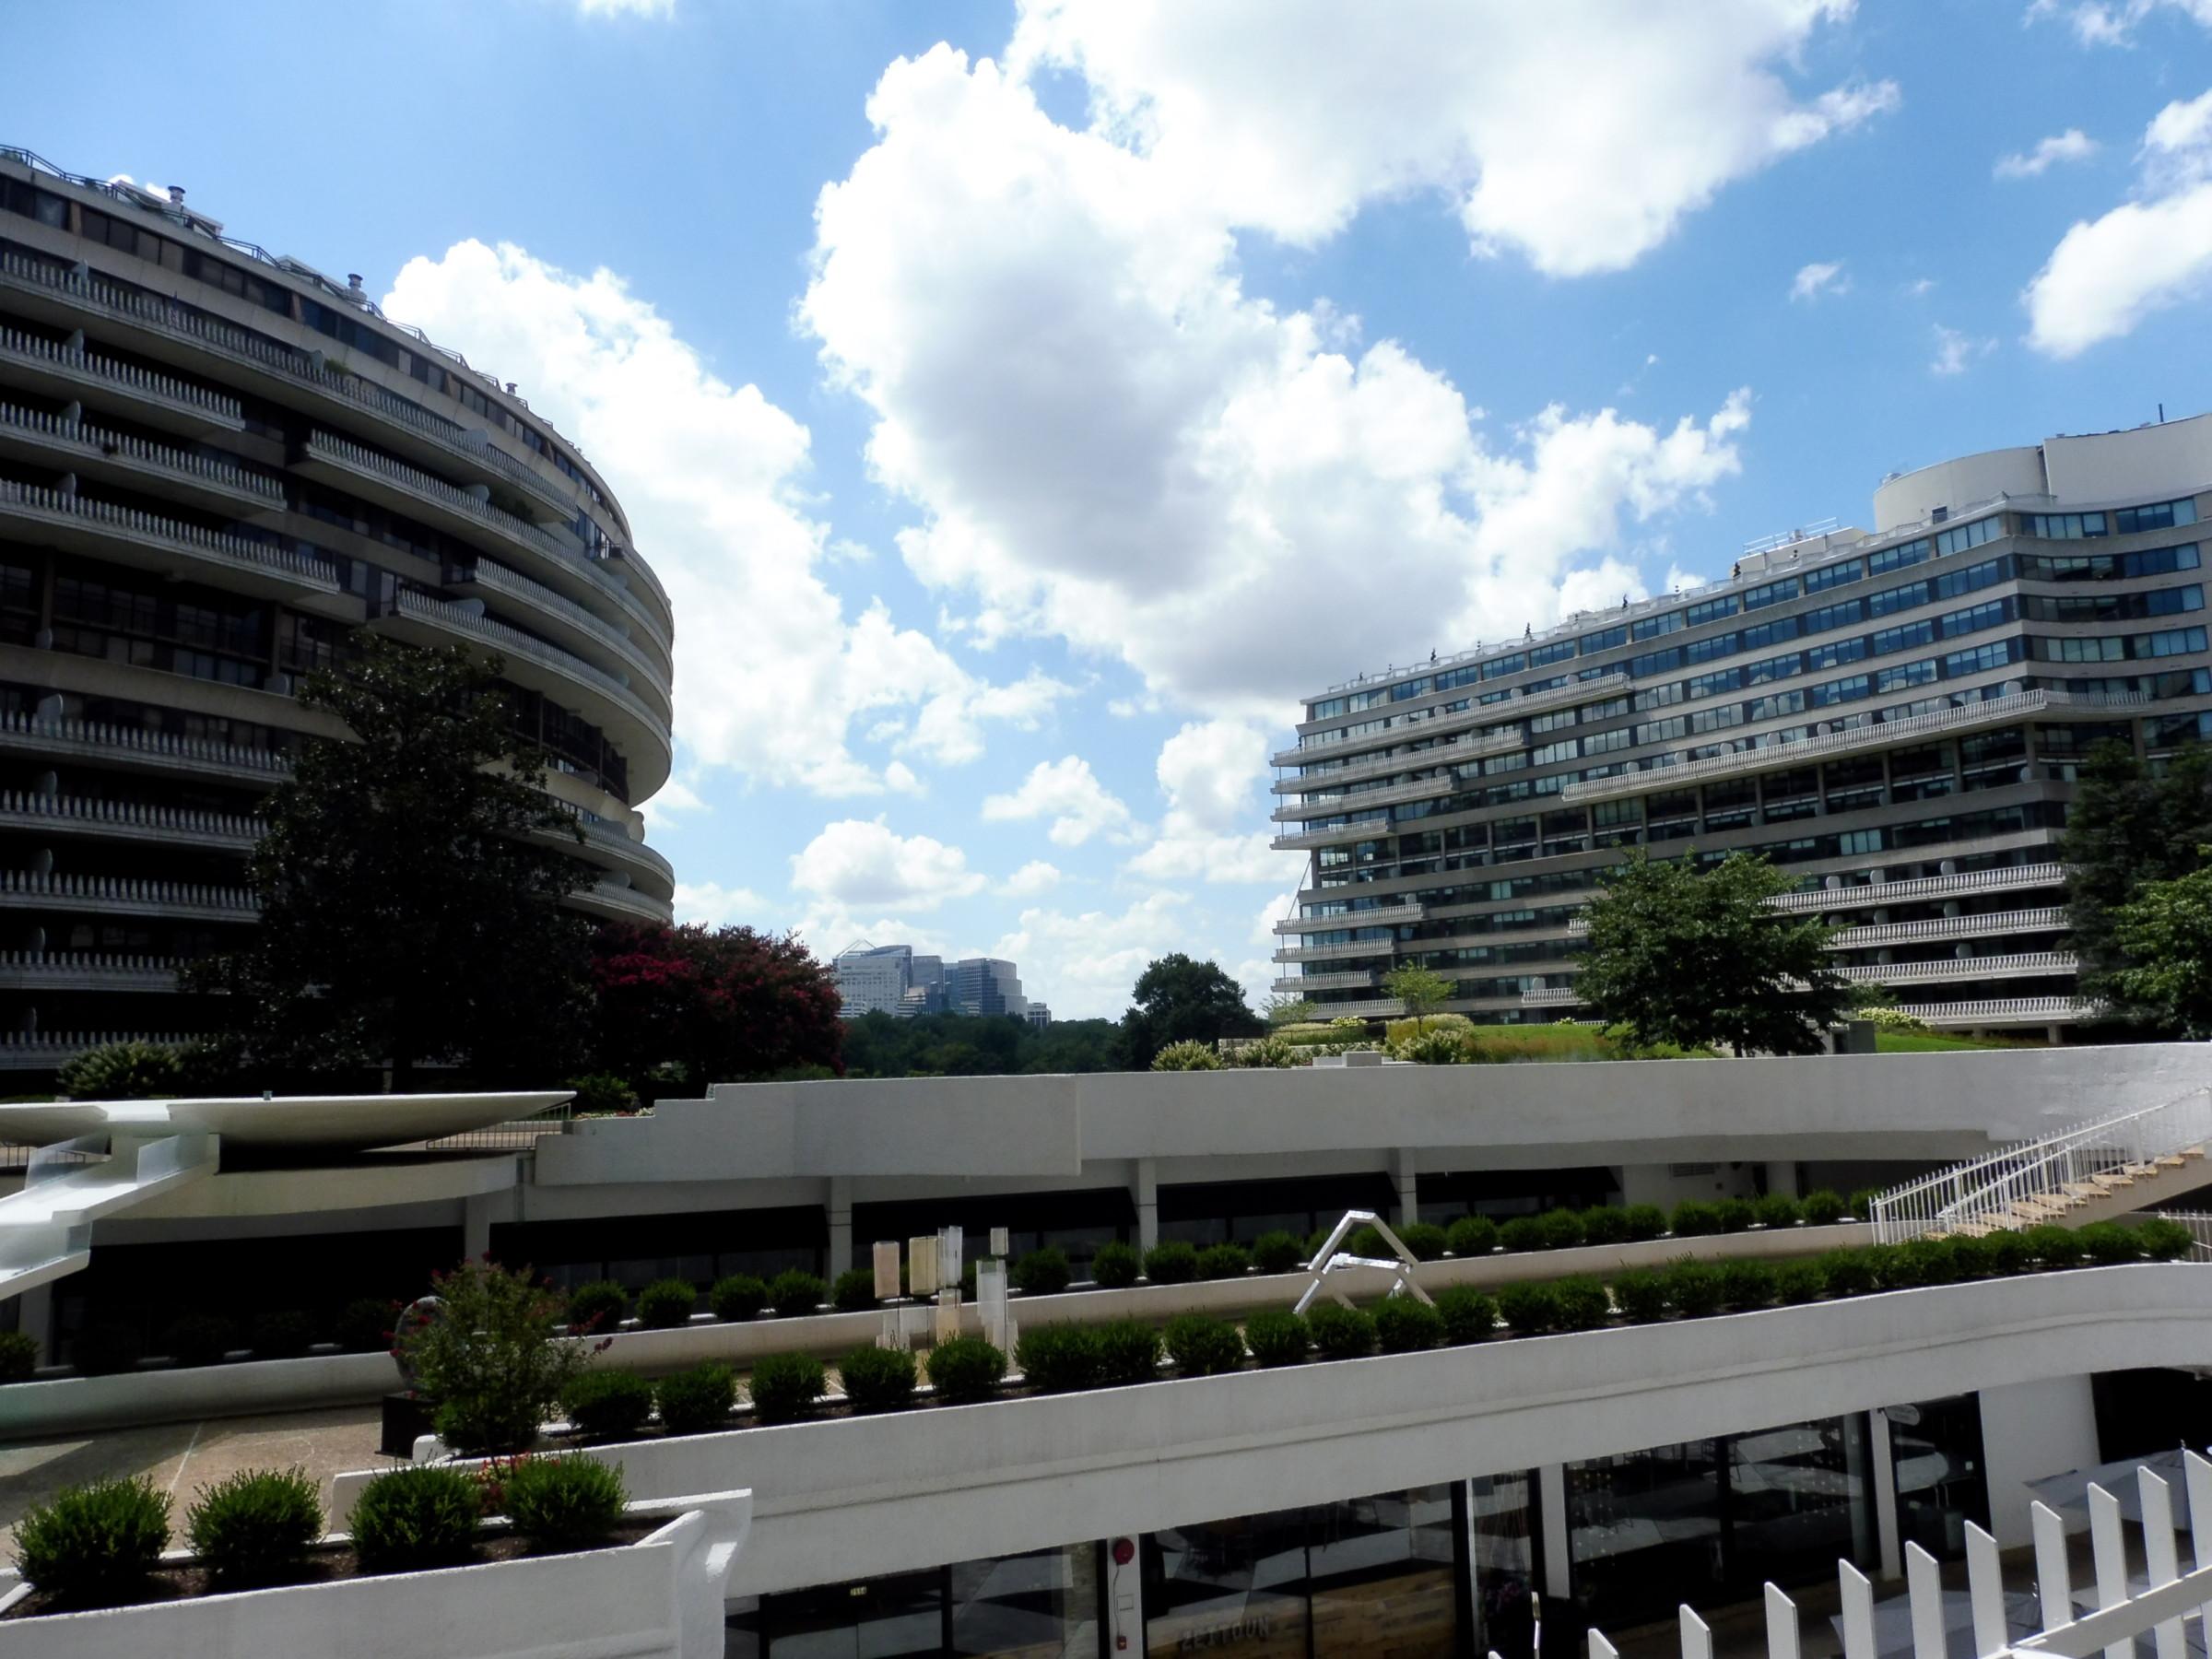 USA Watergate outside DC 2